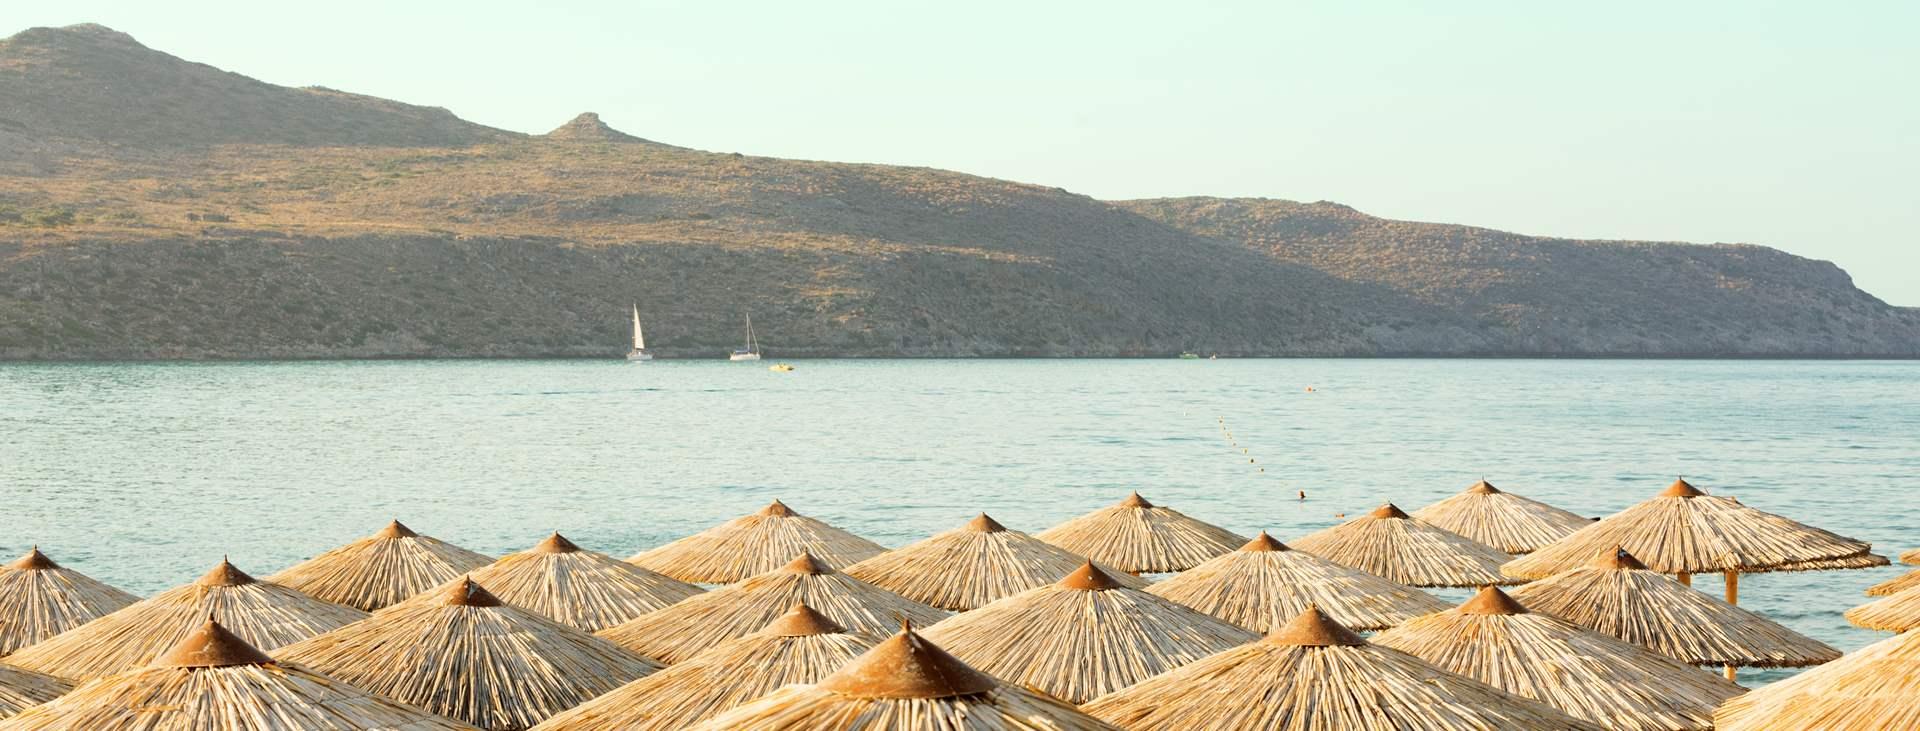 Bestill en reise til barnevennlige Agia Marina på Kreta